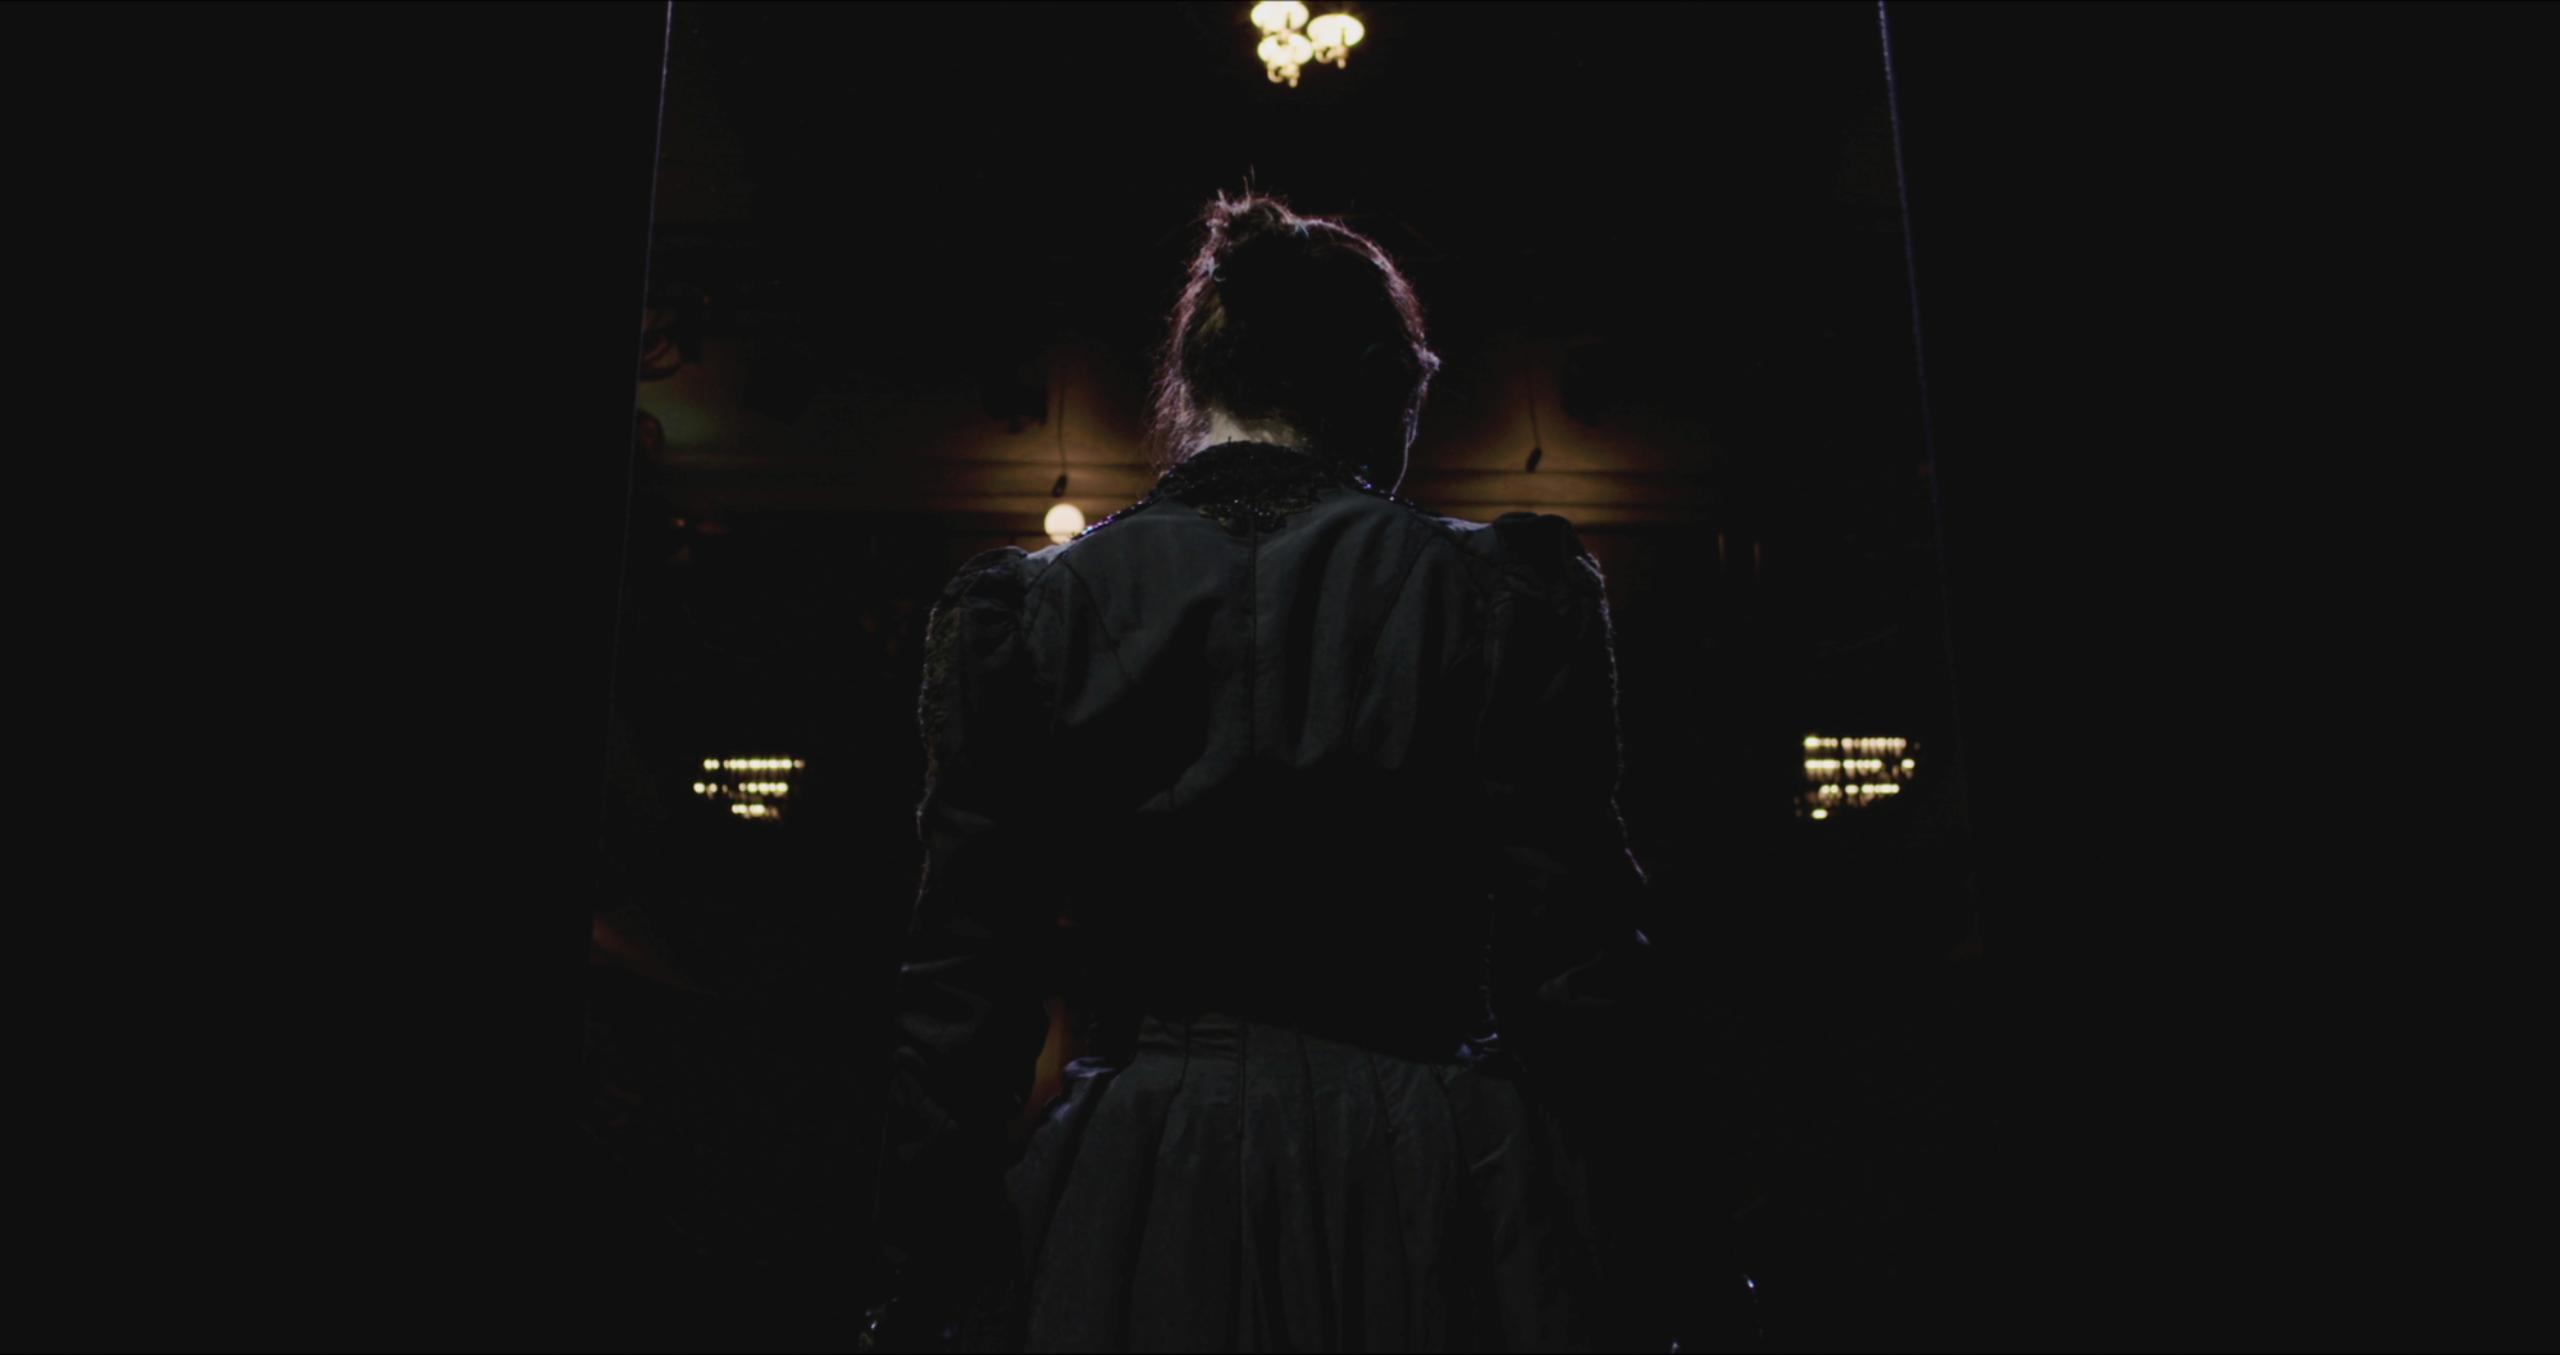 Film still from 'Sleeping Silence'